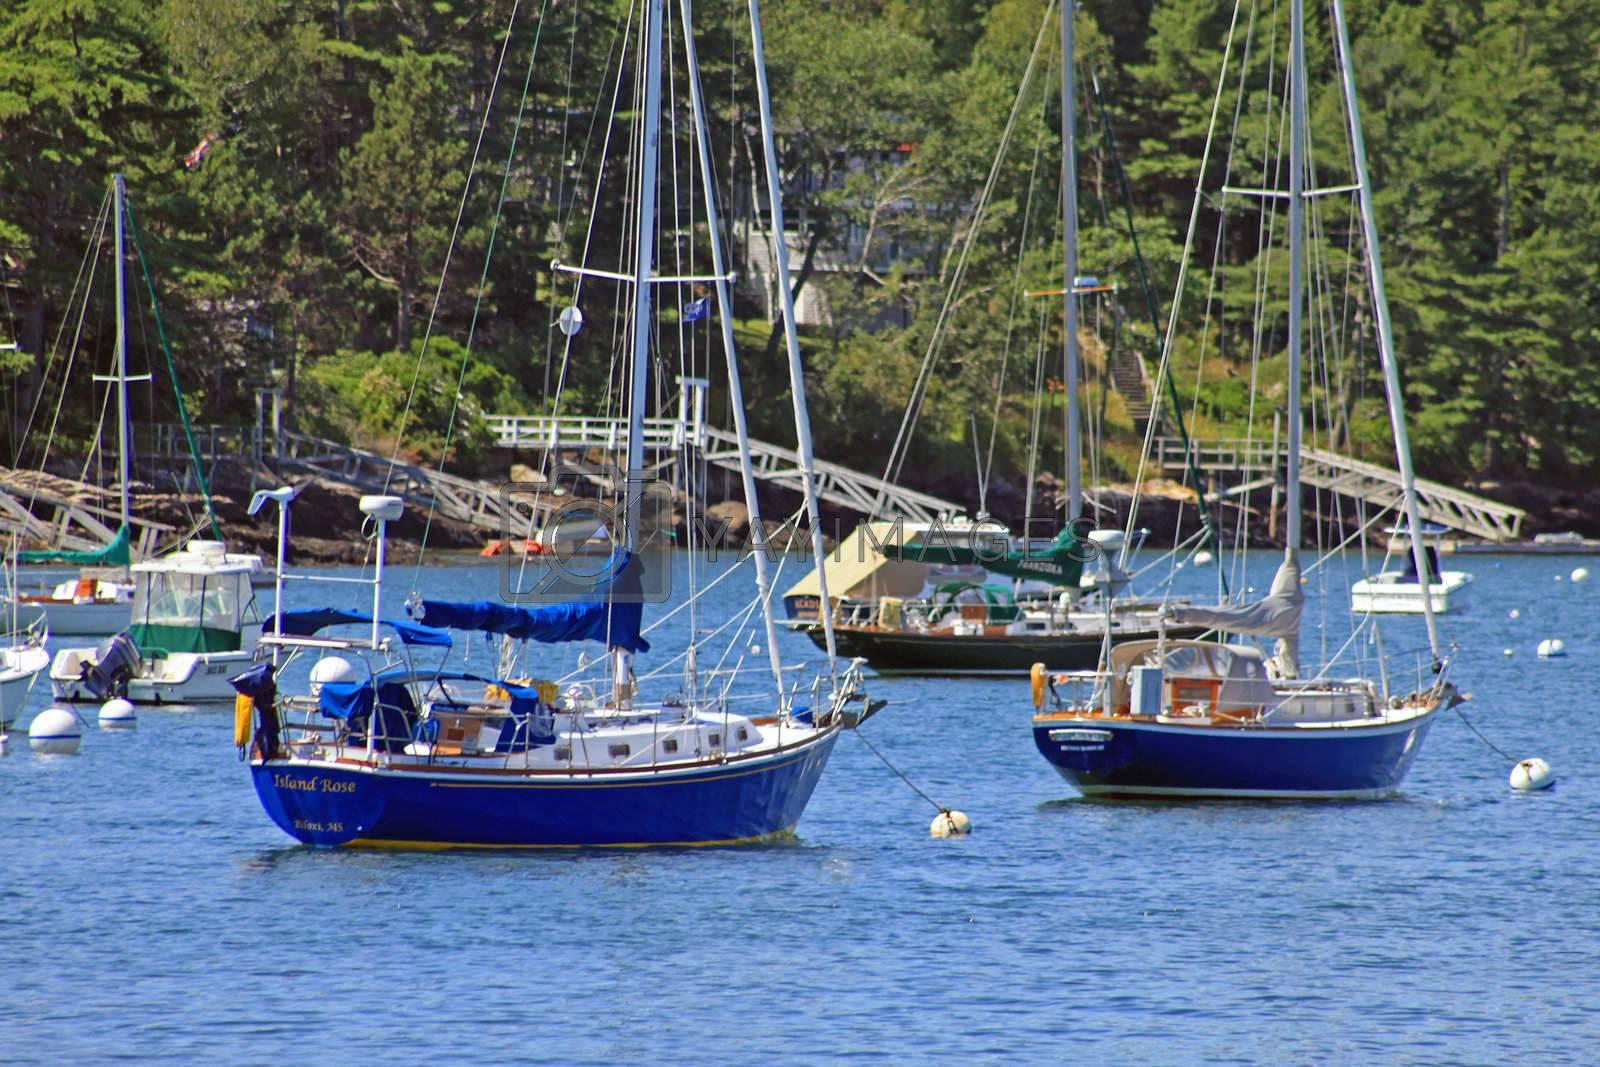 Anchored sailboats inside a coastal bay area